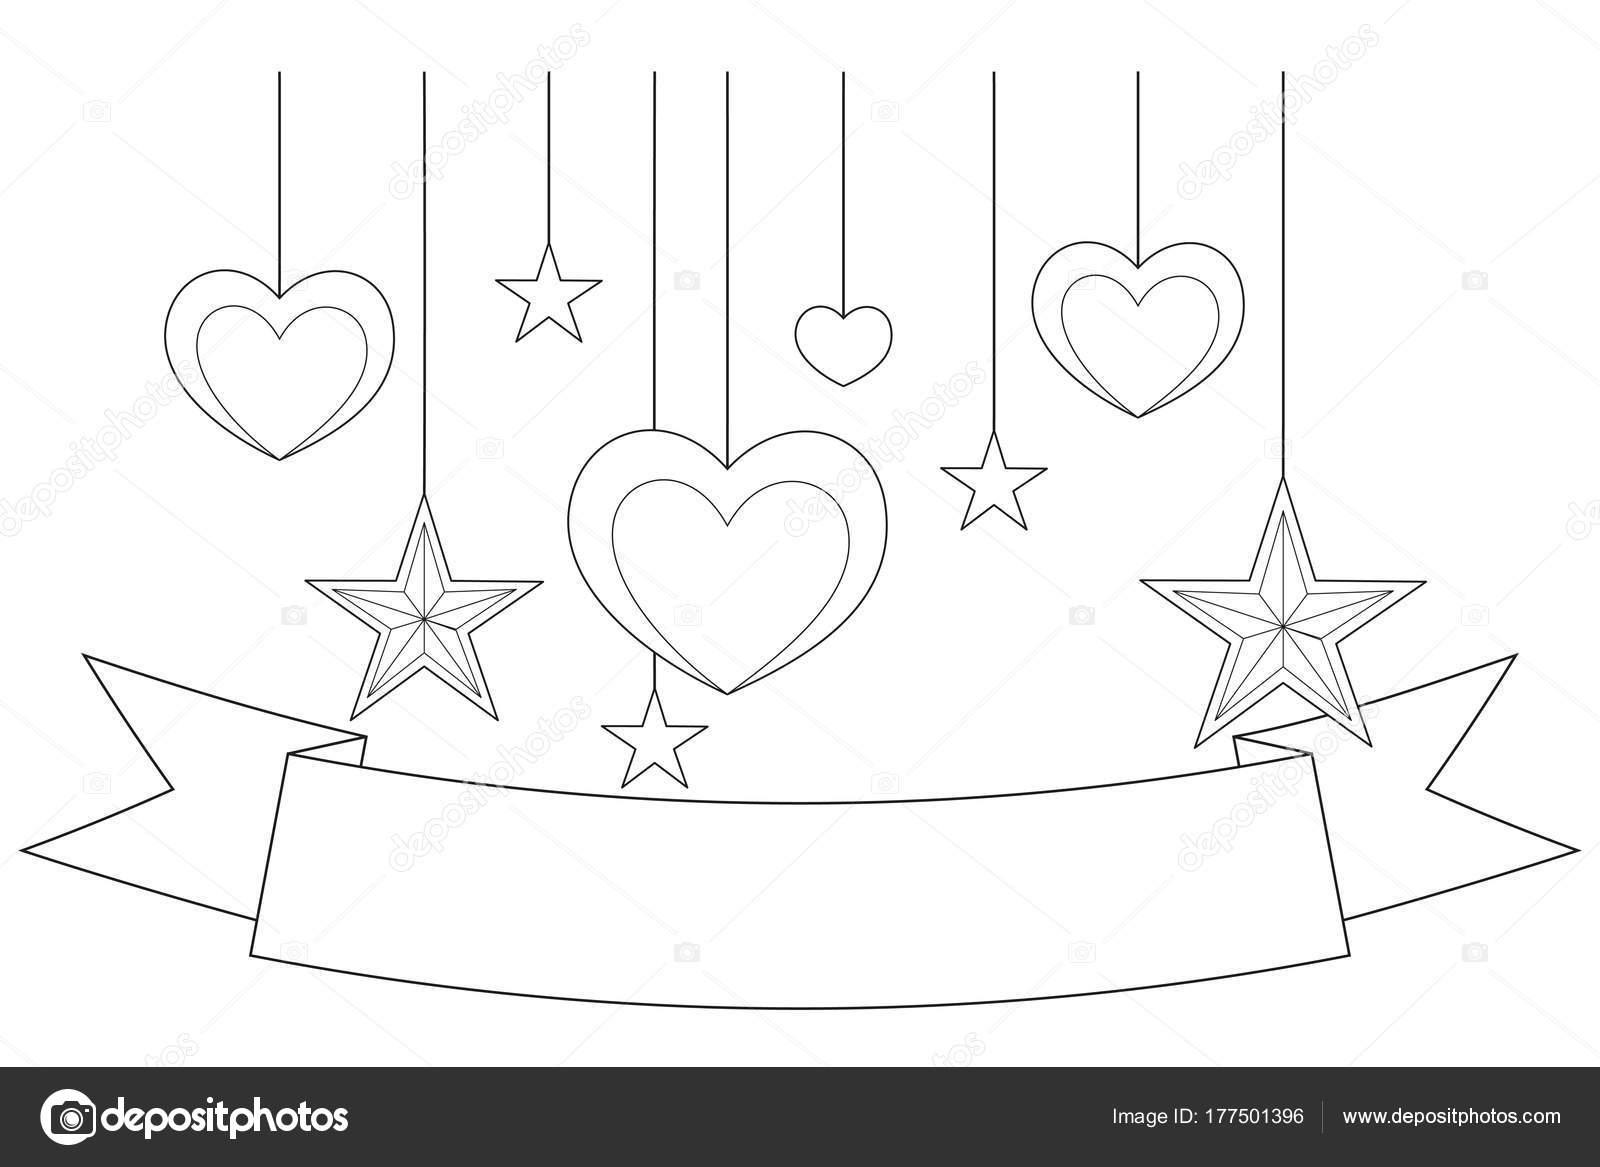 Schwarz / weiß Poster - Multifunktionsleiste, Herzen und Sterne ...